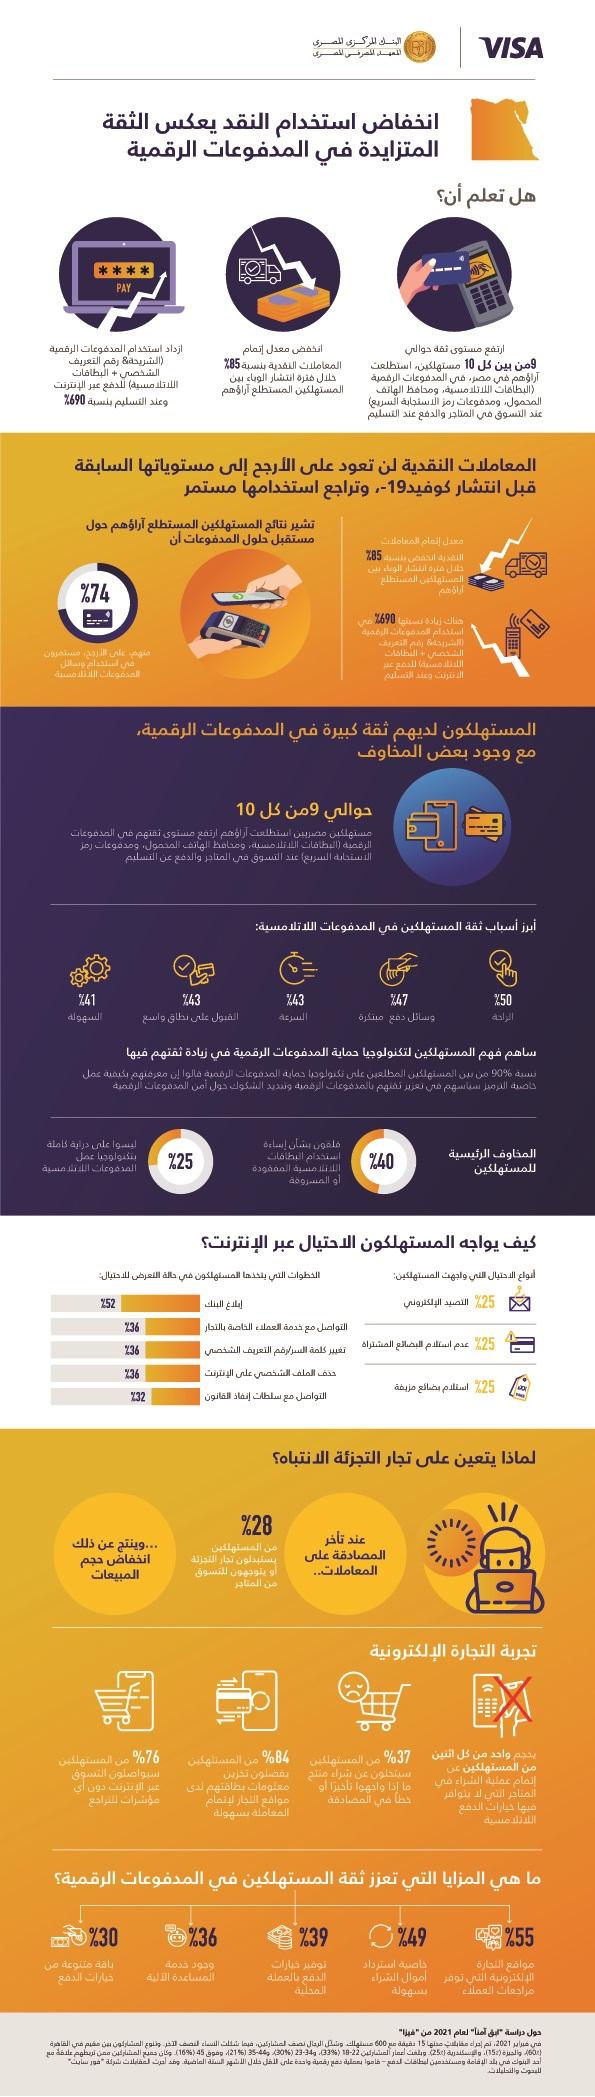 دراسة لشركة فيزا عن ثقة المصريين في المدفوعات الإلكترونية